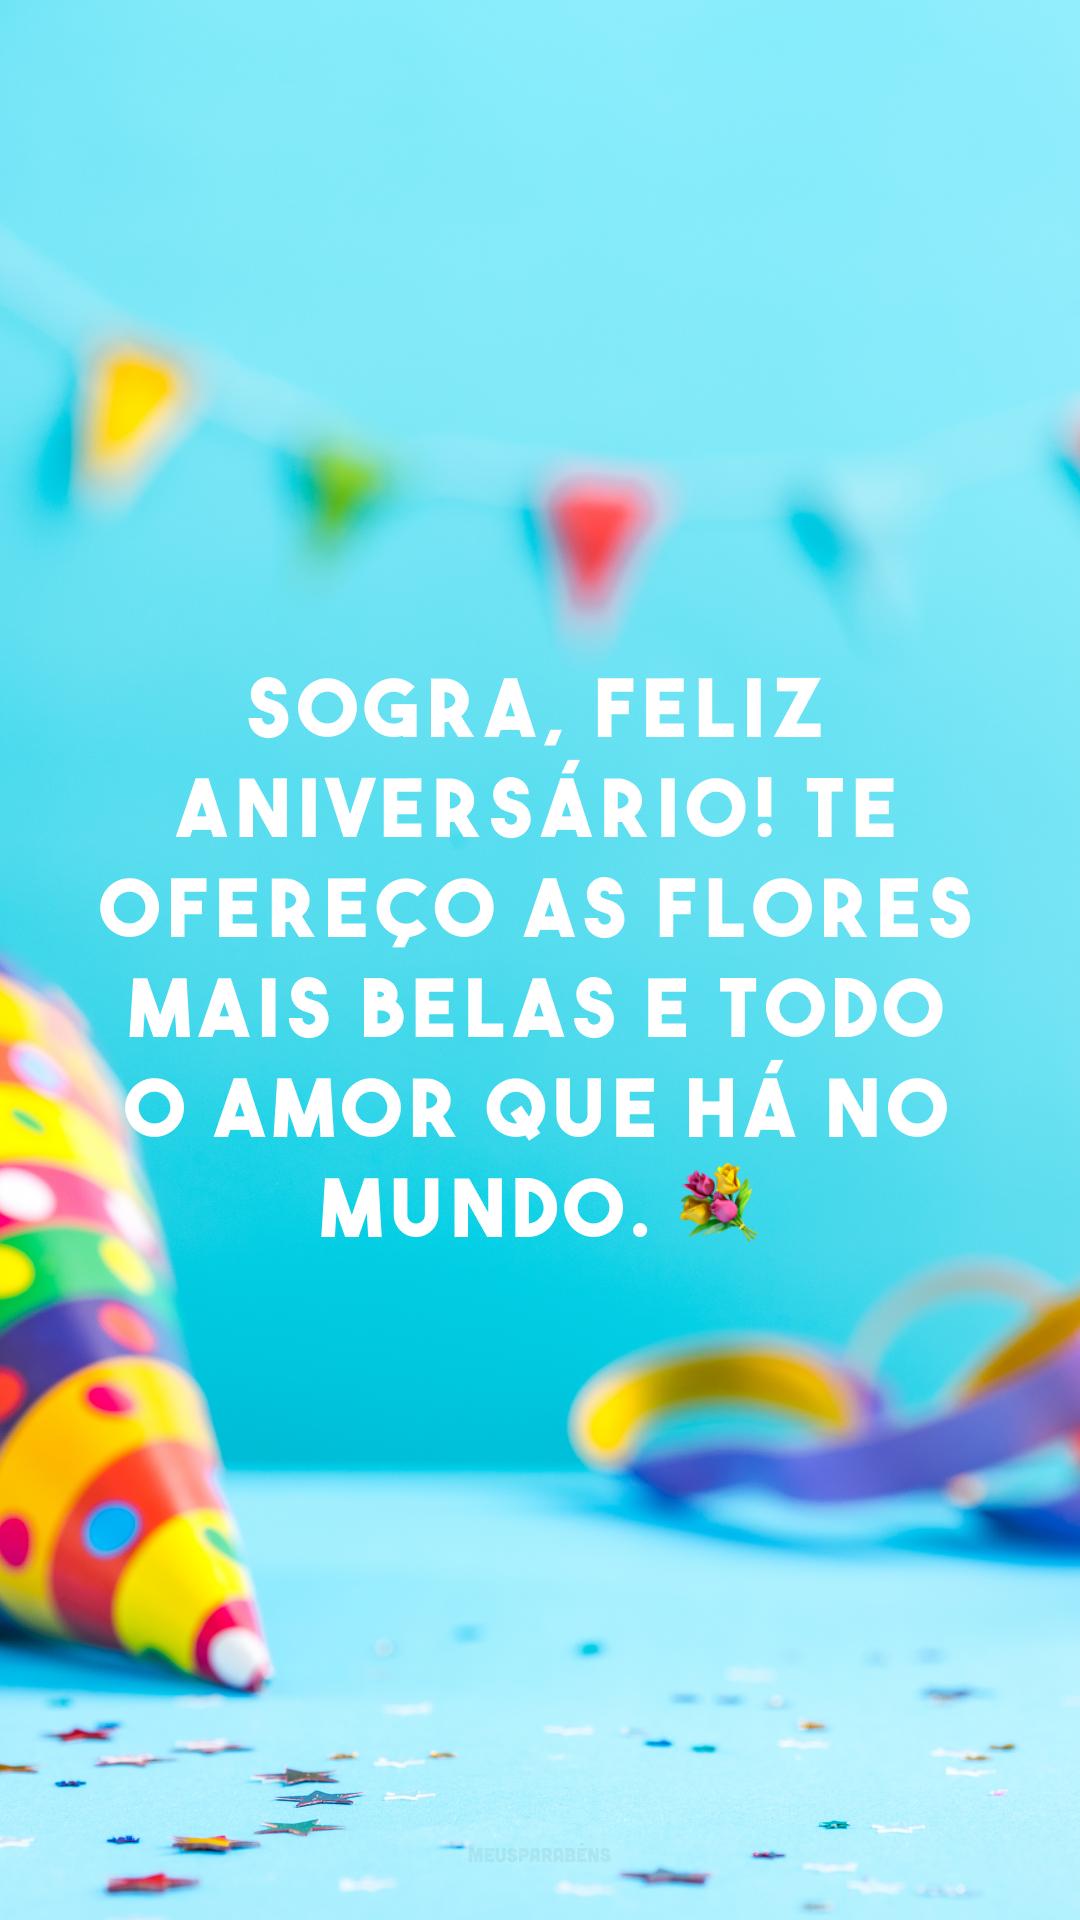 Sogra, feliz aniversário! Te ofereço as flores mais belas e todo o amor que há no mundo. 💐